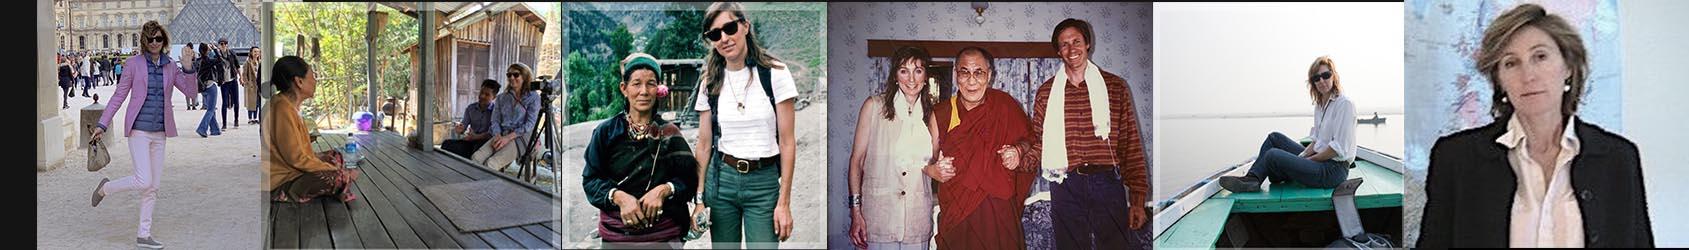 Vanessa H Smith Photo Collage